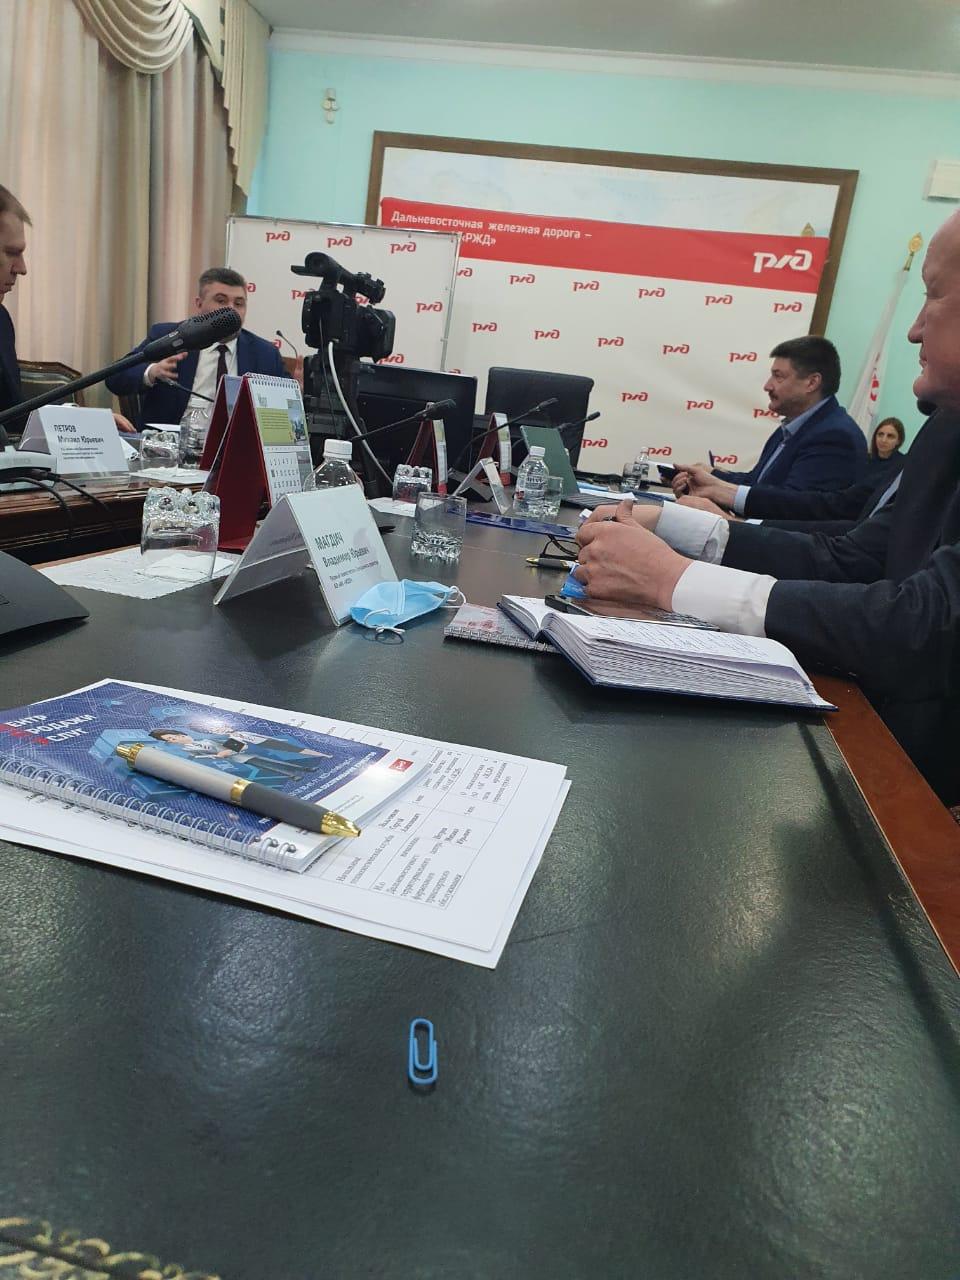 ЖДЯ и ДВЖД обсудили вопросы взаимодействия по передаче поездов по стыковочной станции Нерюнгри-пассажирская